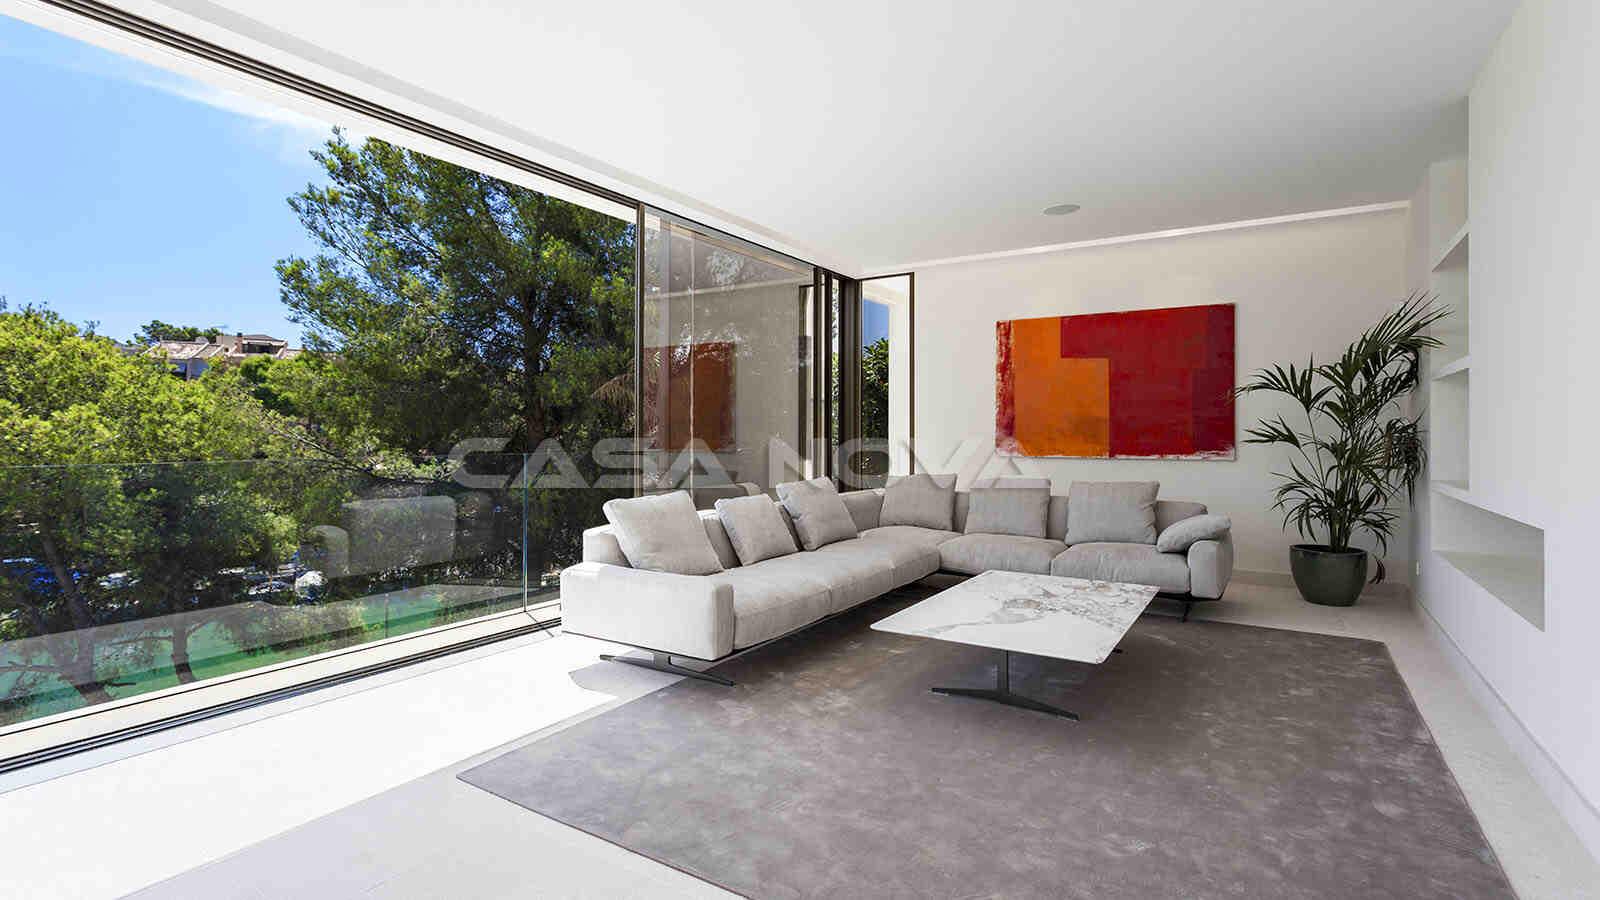 Heller Wohnbereich mit großen Fensterelementen